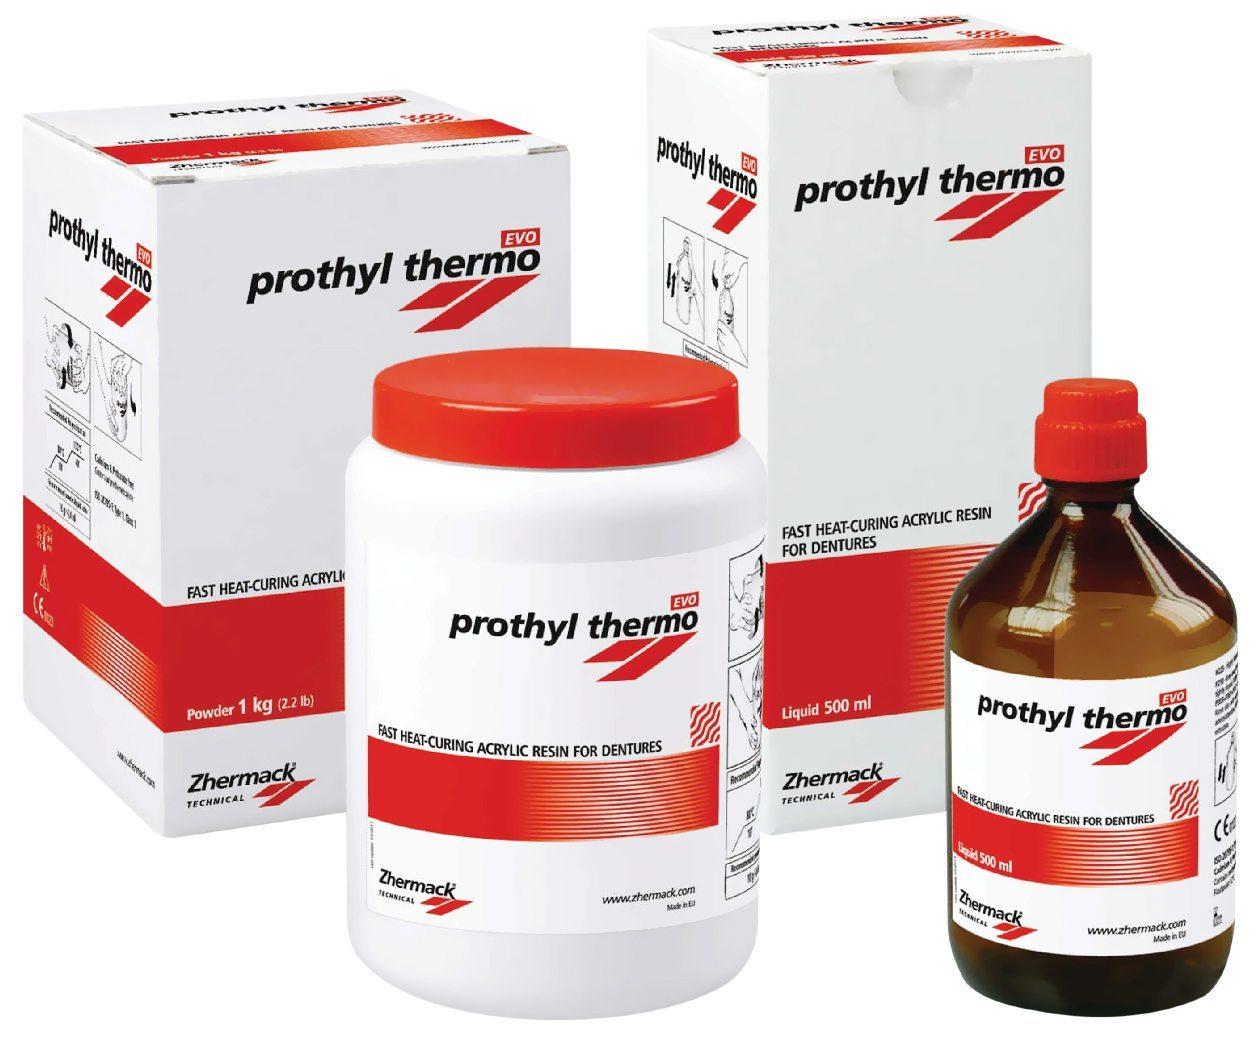 292-2-Prothyl-ZHERMACK